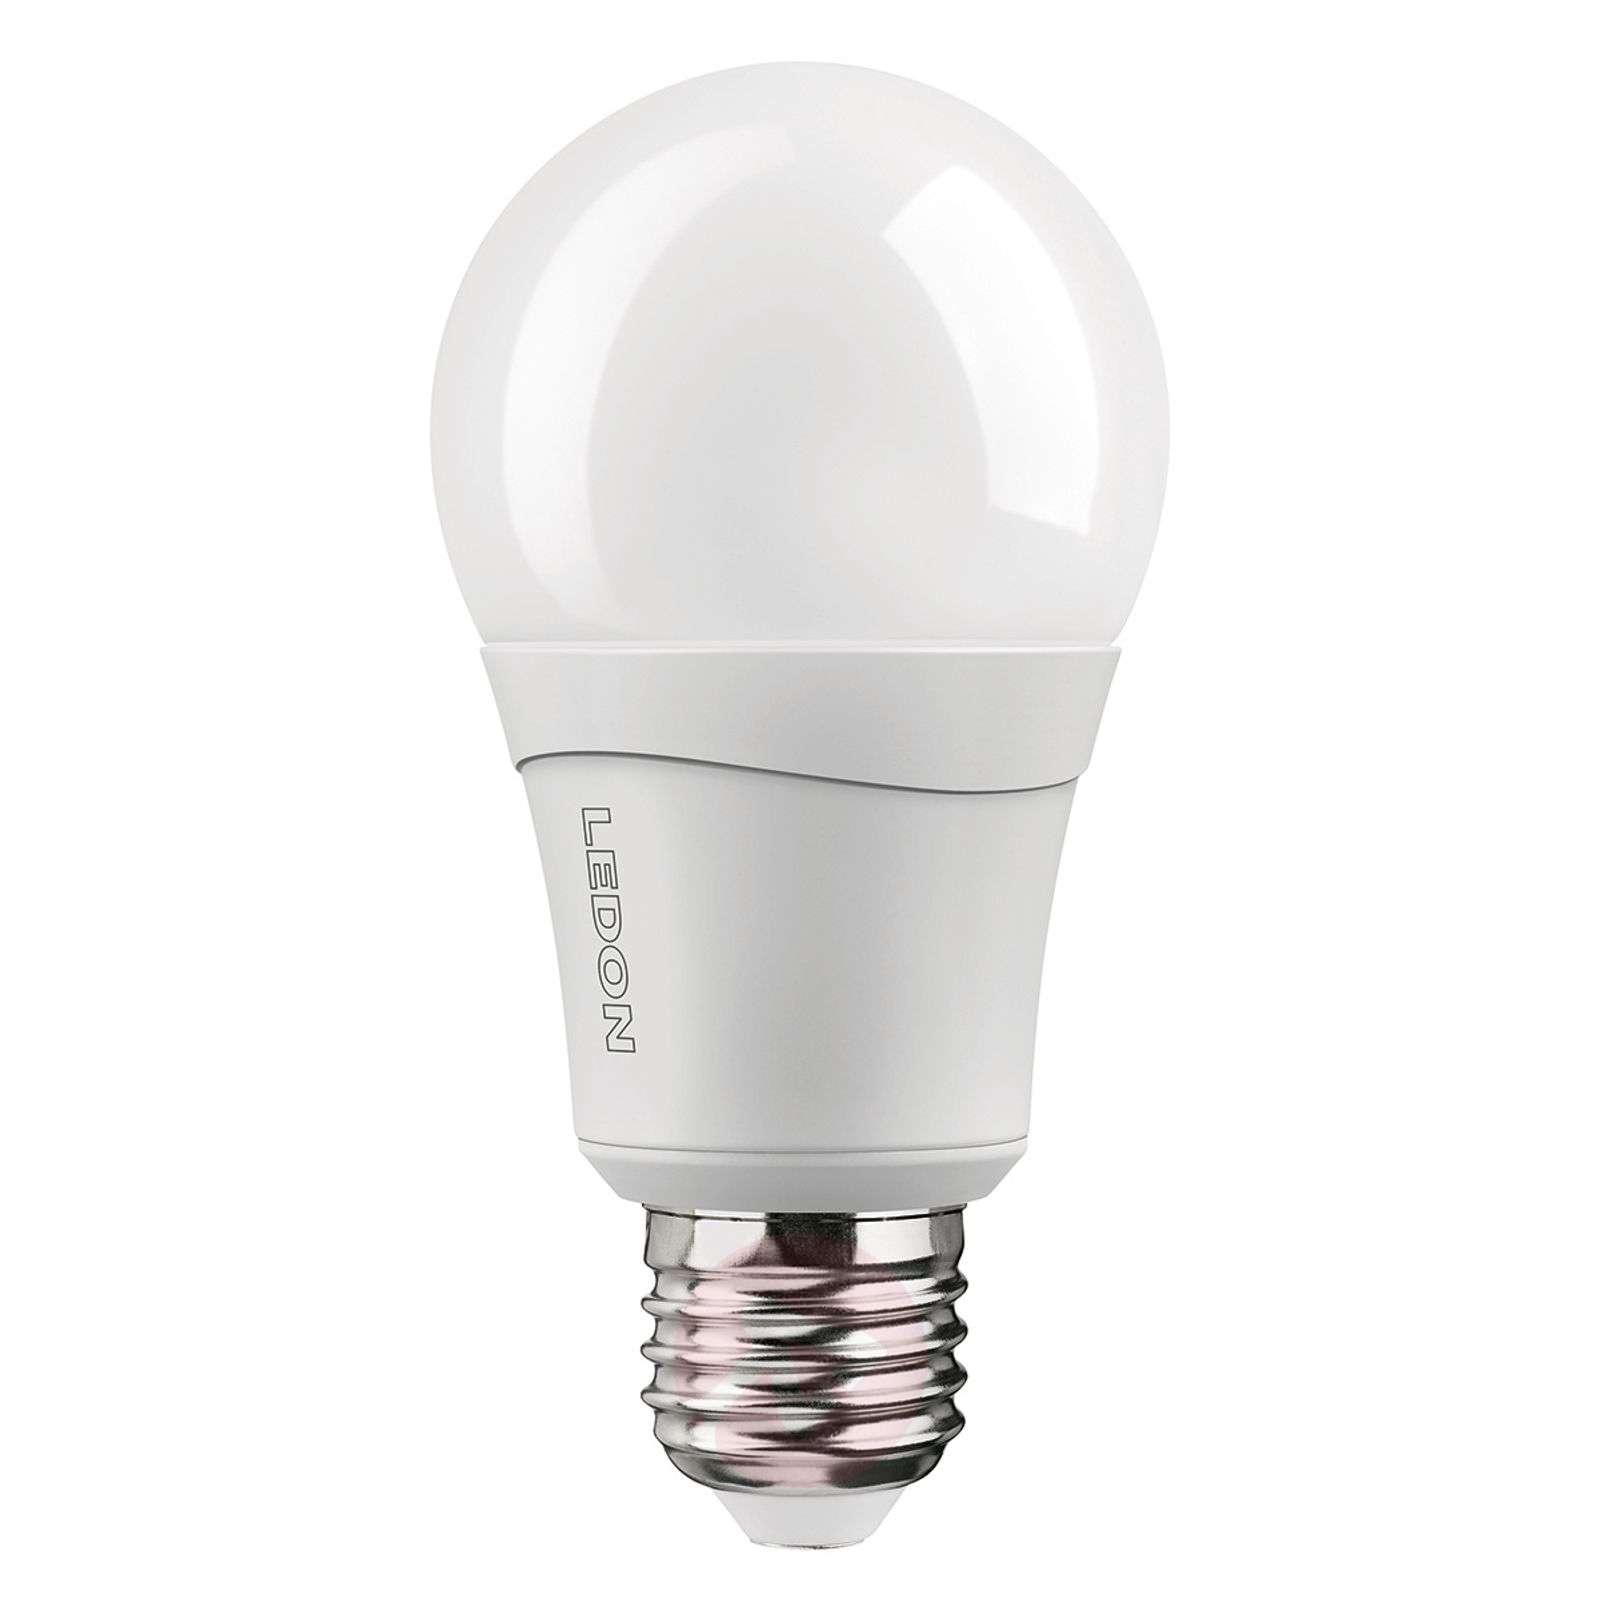 E27 10,5W 927 LED-lamppu, ei himmennettävä-6037091-01